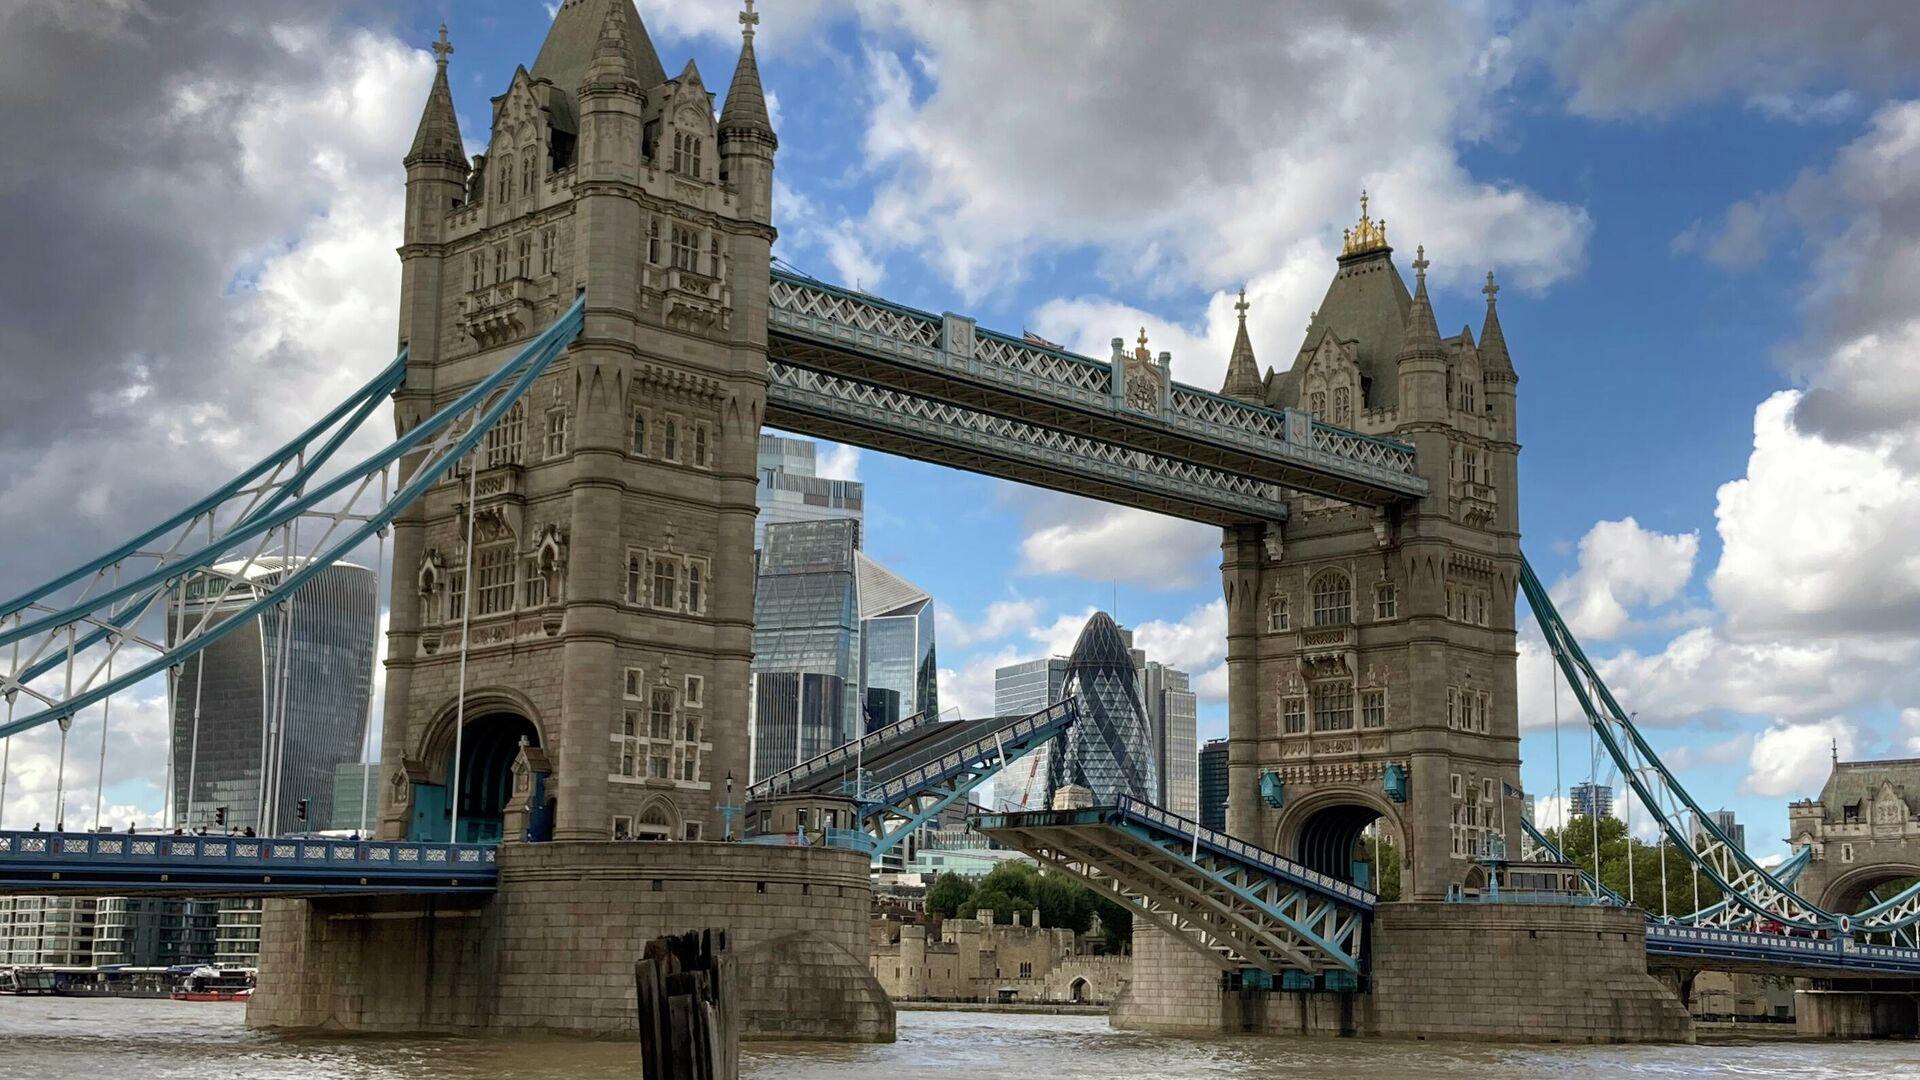 Тауэрский мост в Лондоне застрял в поднятом положении в связи с механической неисправностью - РИА Новости, 1920, 27.06.2021